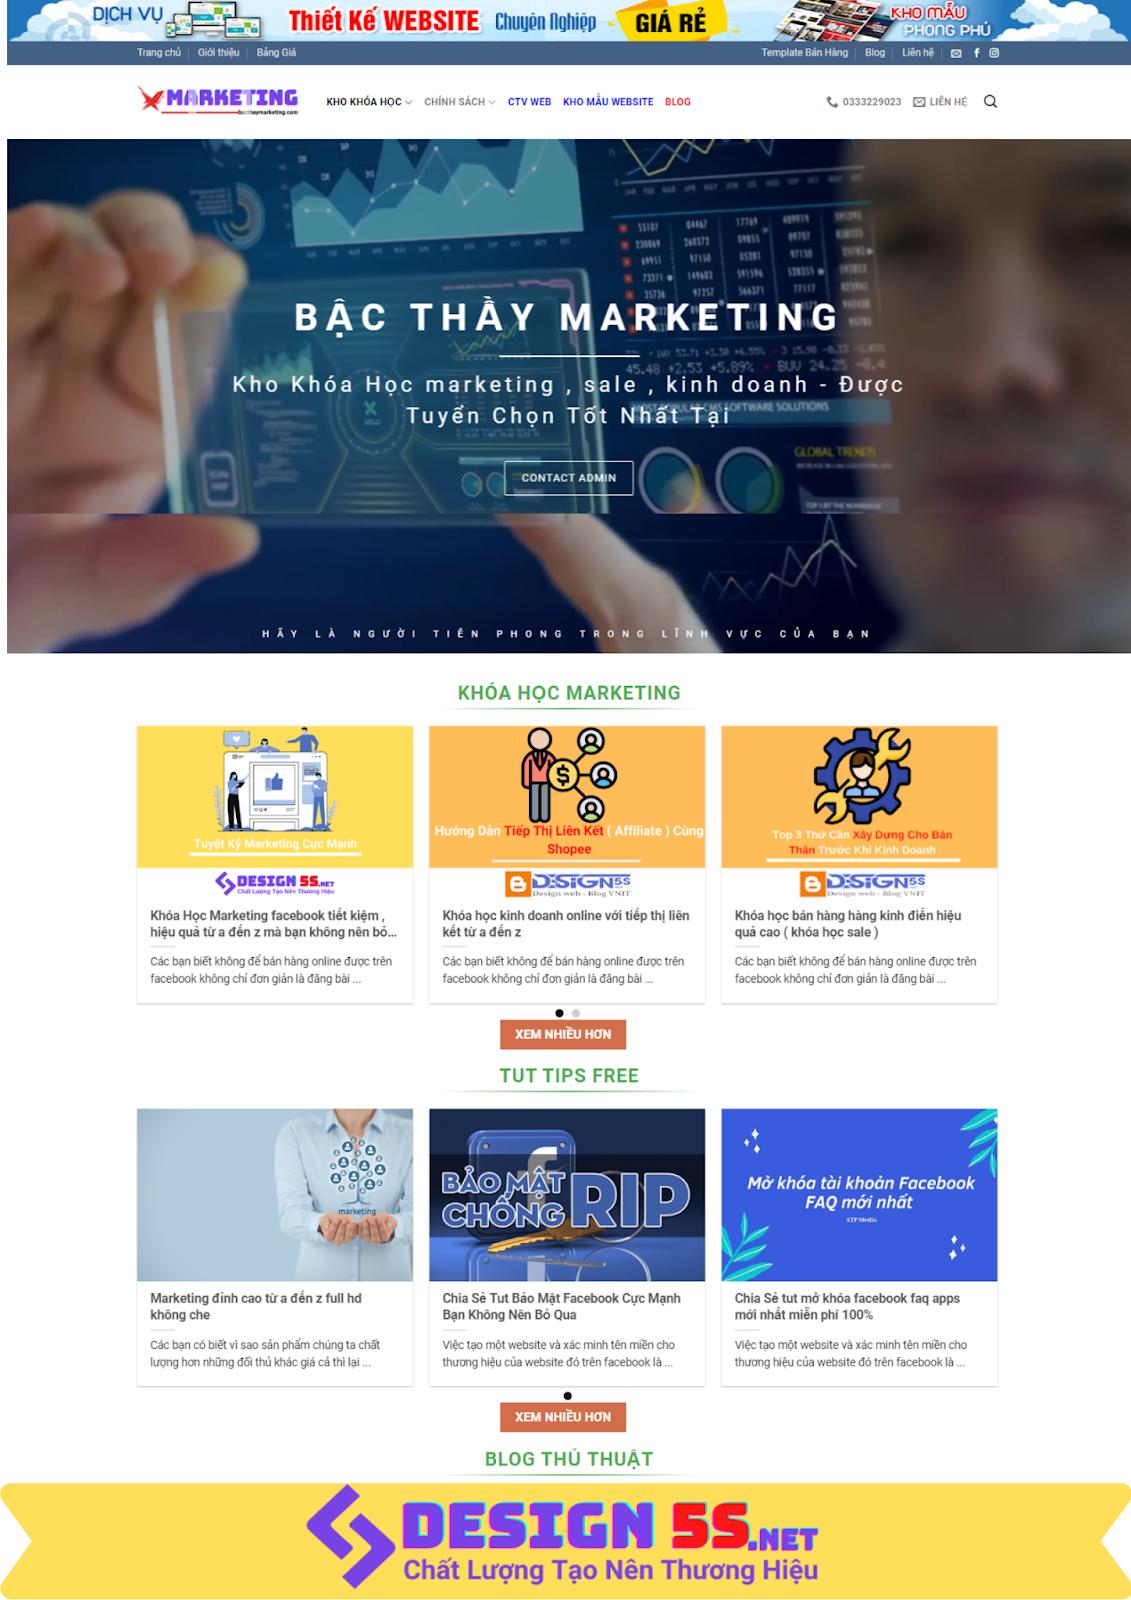 Mẫu website bán khóa học online chuyên nghiệp, hiện đại - Ảnh 1